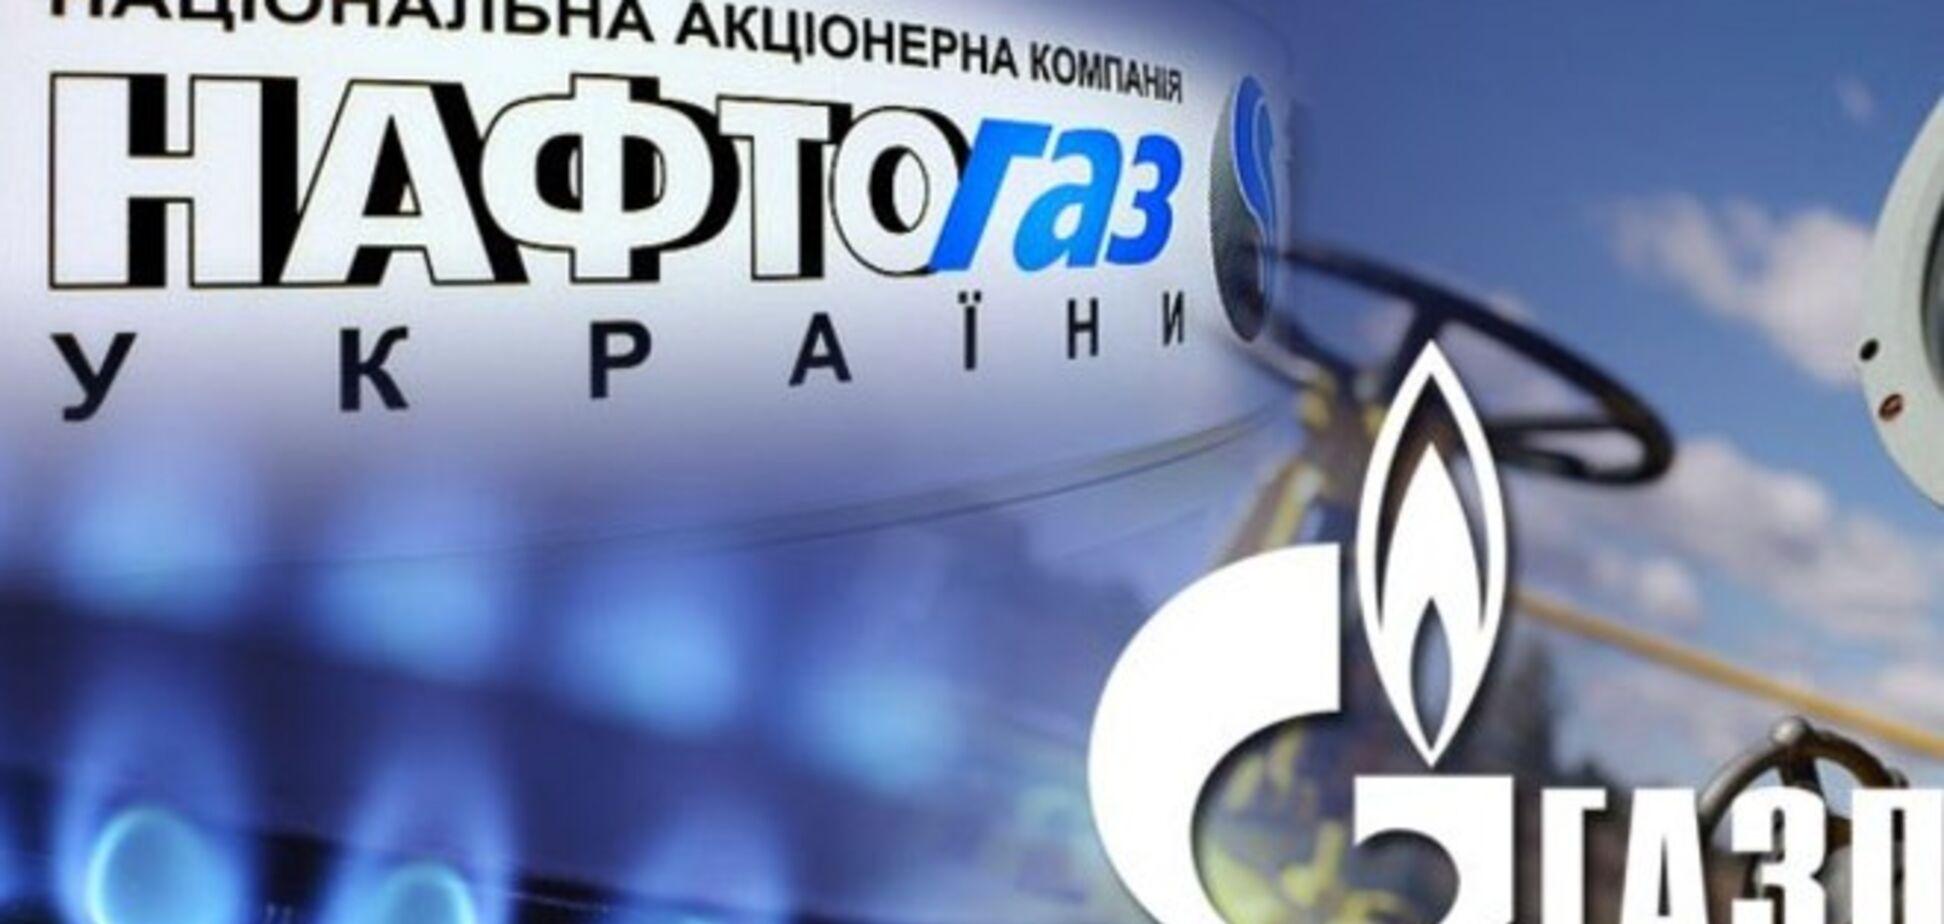 'Нафтогаз' не прийняв у 'Газпрому' гроші за транзит газу